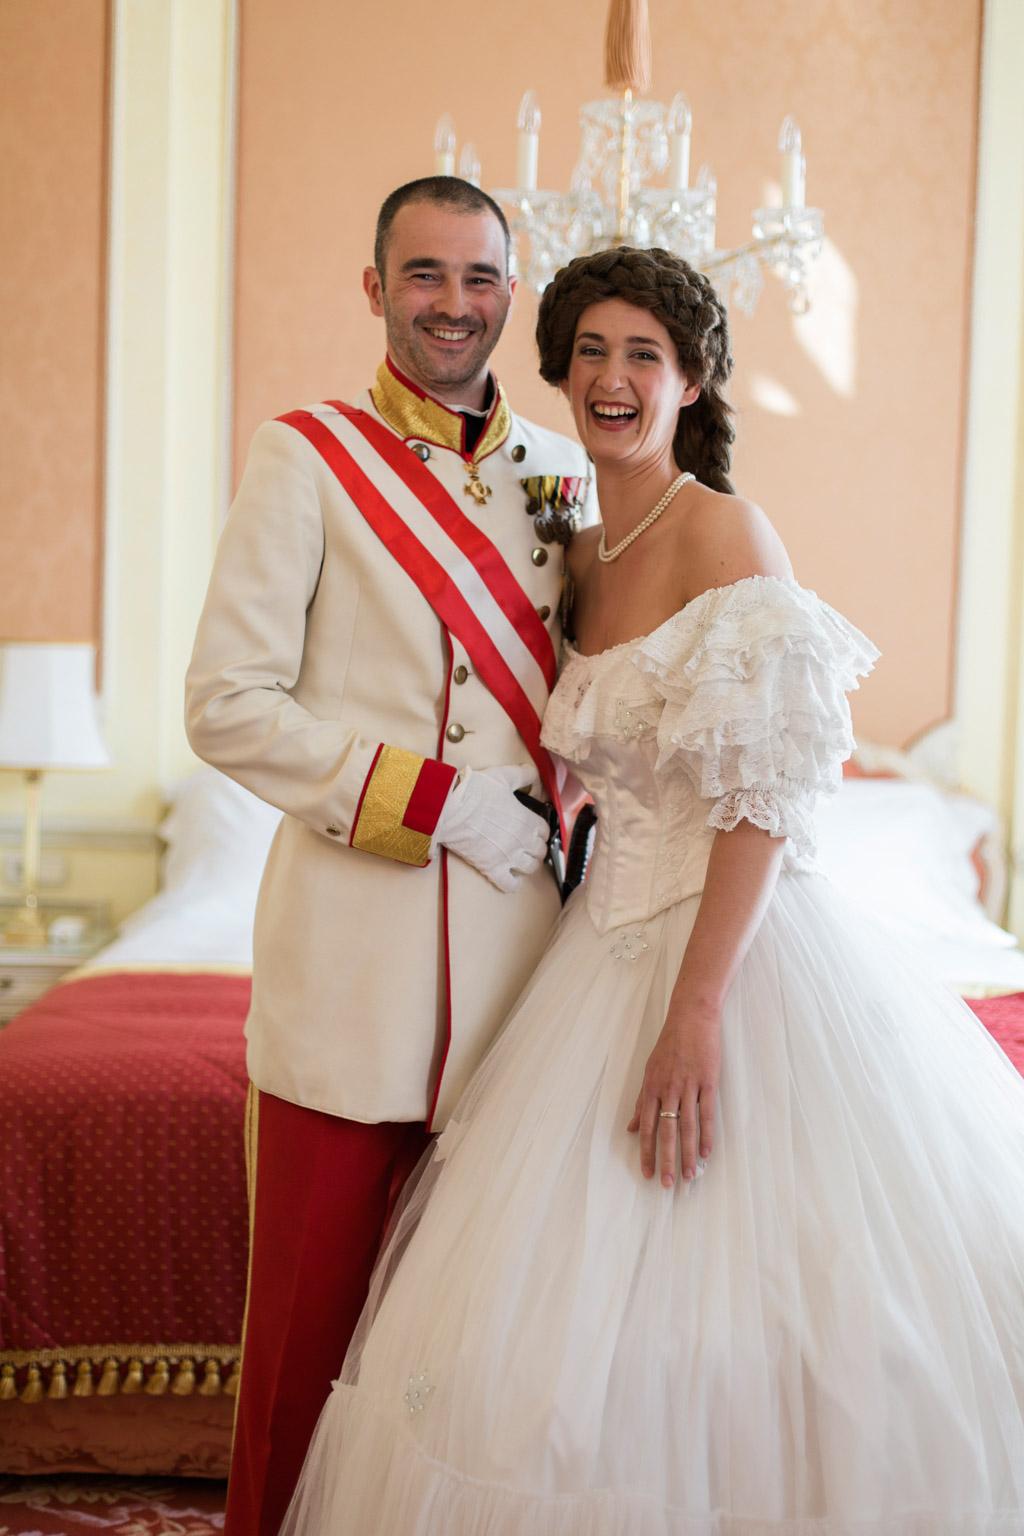 surprise-birthday-wedding-anniversary-themed-shooting-hotel-imperial-schloss-belvedere-vienna-austria-melanie-nedelko-photography-sissi-franz (15).JPG